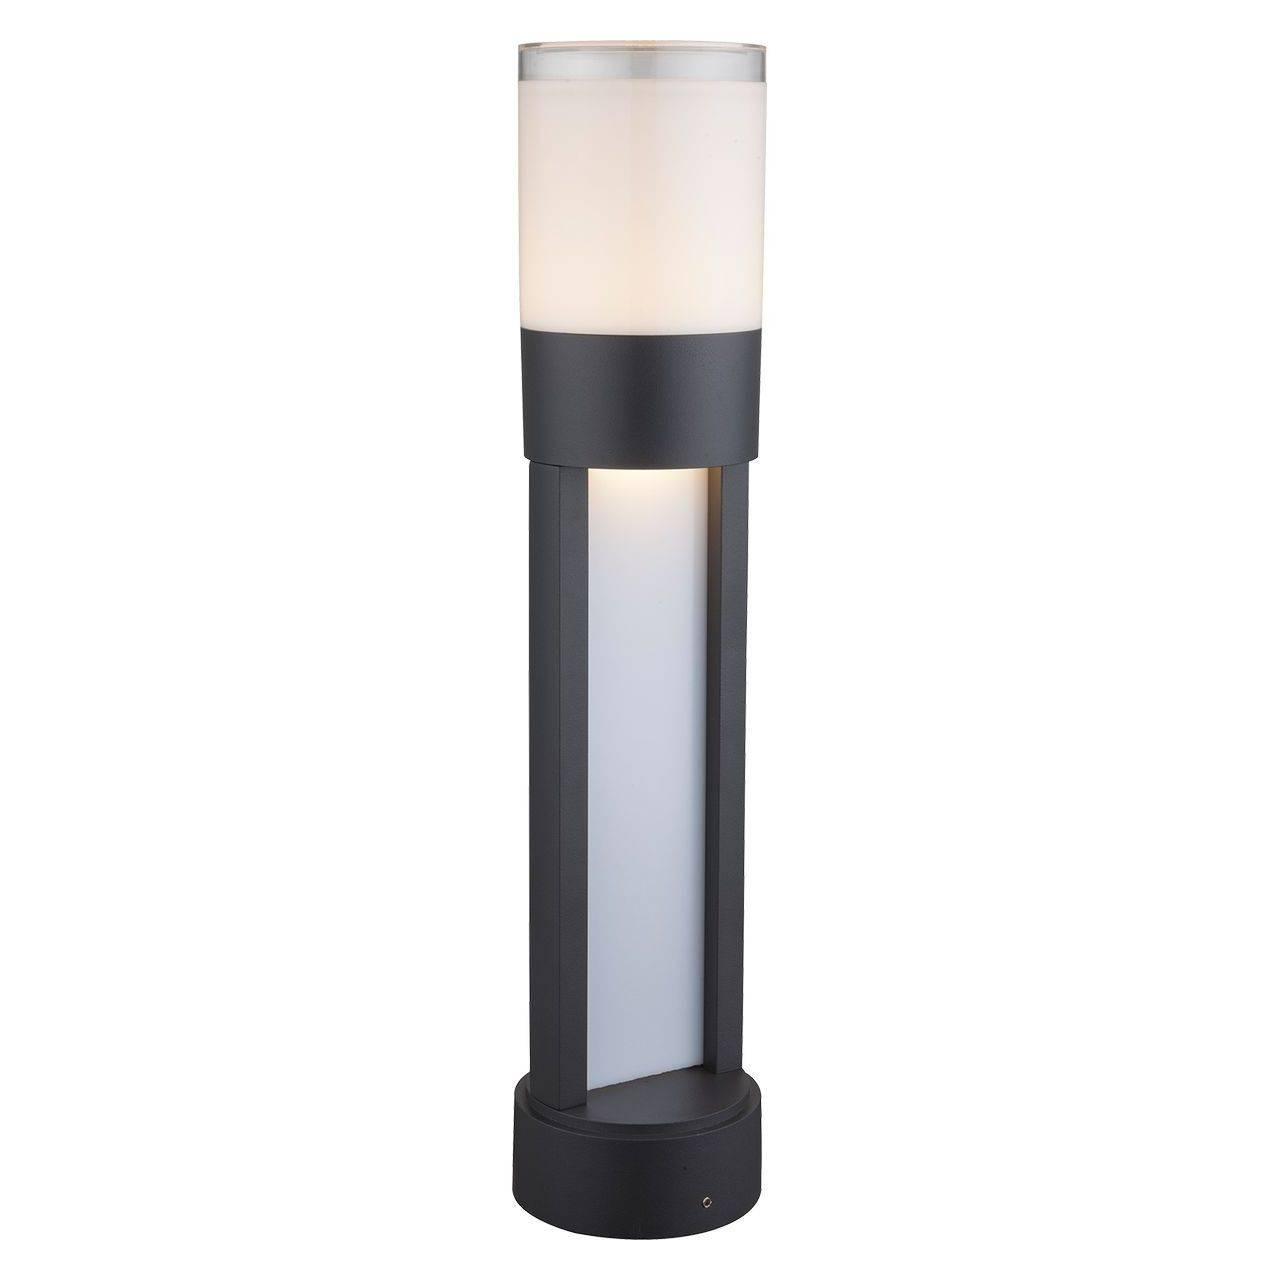 Уличный светодиодный светильник Globo Nexa 34012 уличный светодиодный светильник globo monte 32251